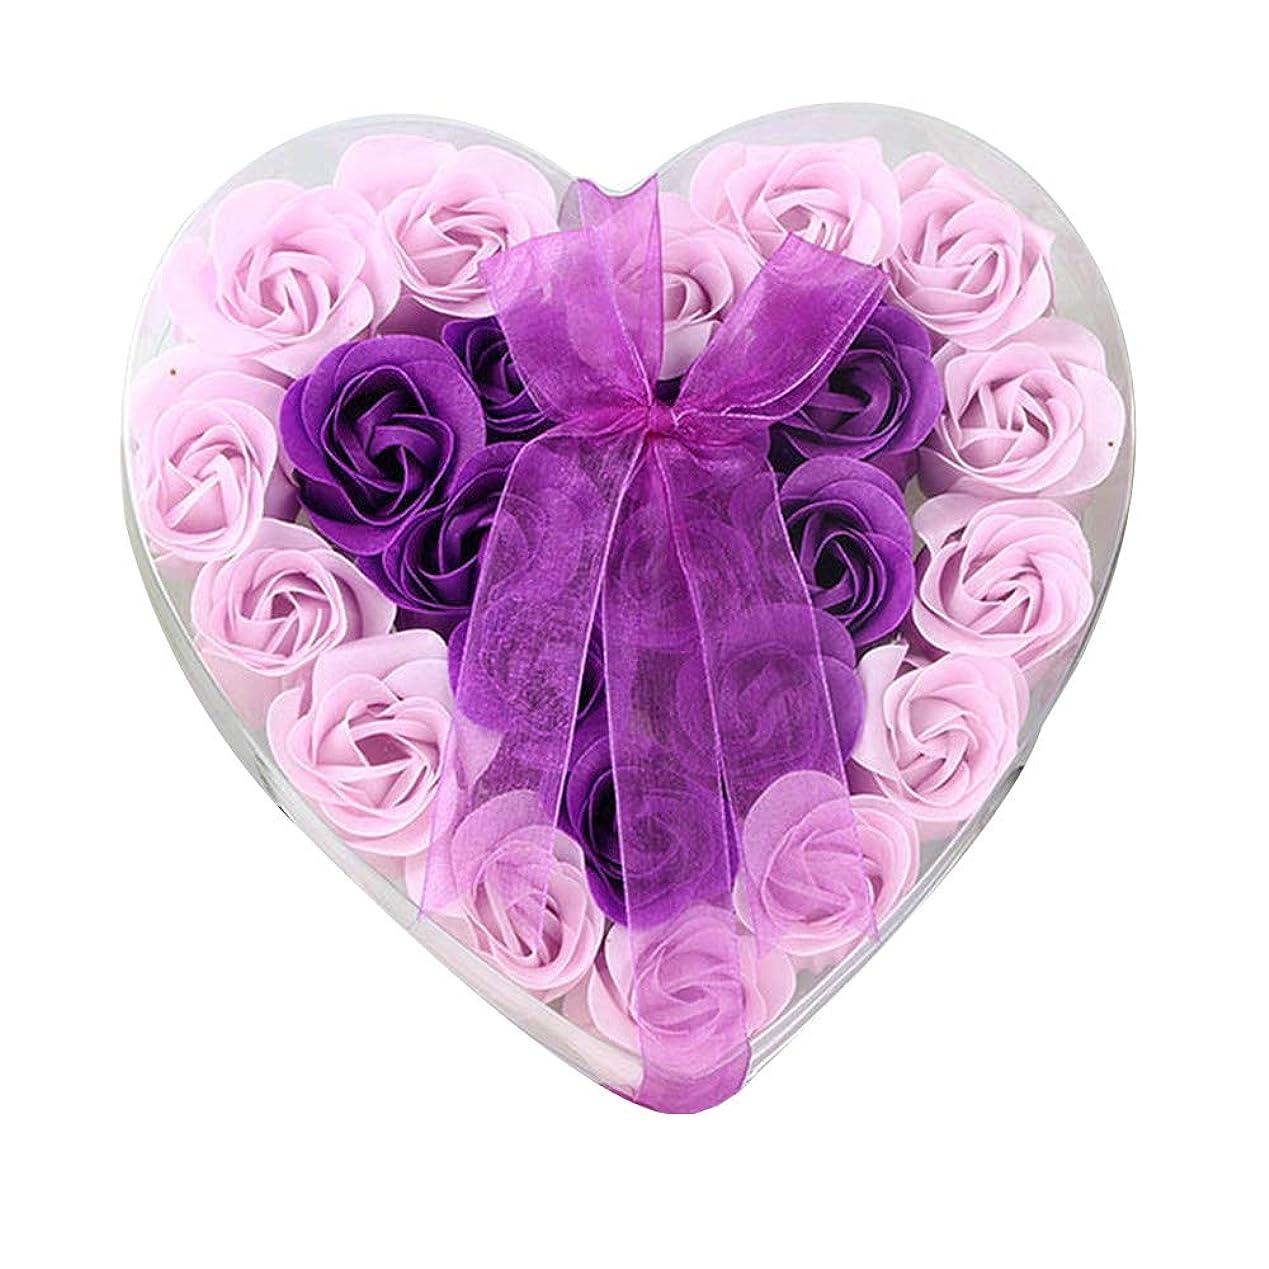 非武装化本質的ではない登録24個の手作りのローズ香りのバスソープの花びら香りのバスソープは、ギフトボックスの花びらをバラ (色 : 紫の)